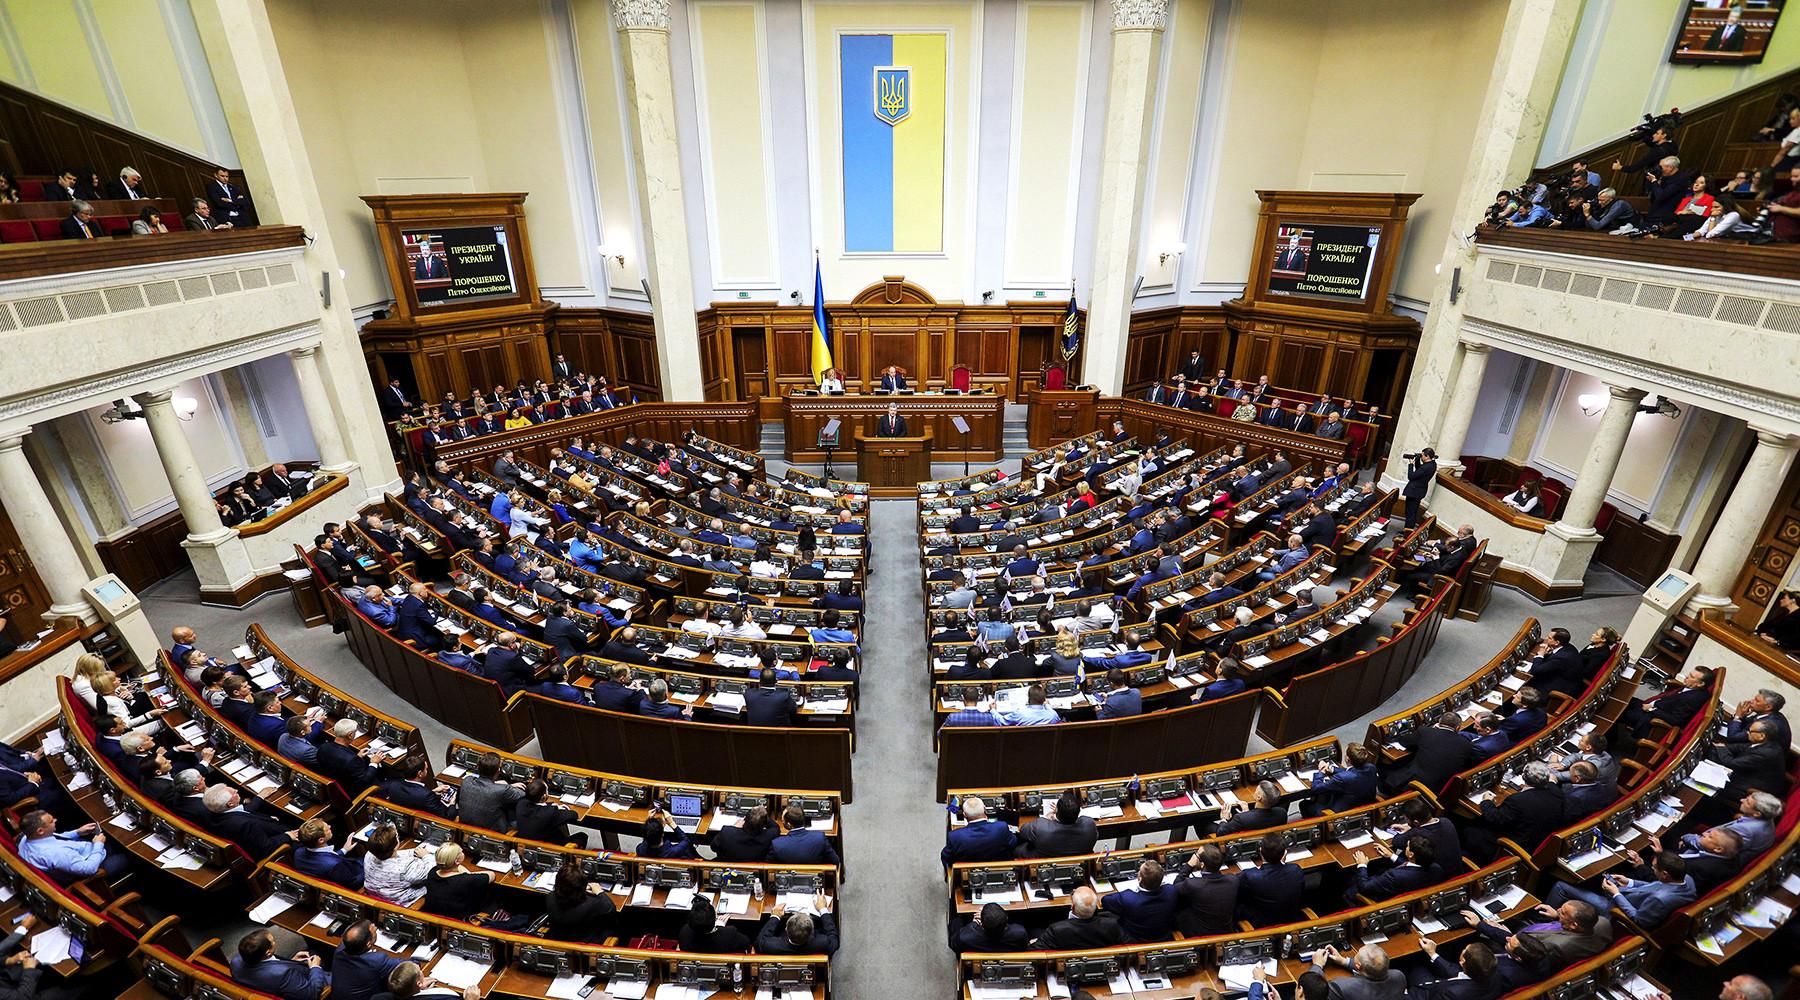 В Верховную раду внесён законопроект о реинтеграции Донбасса